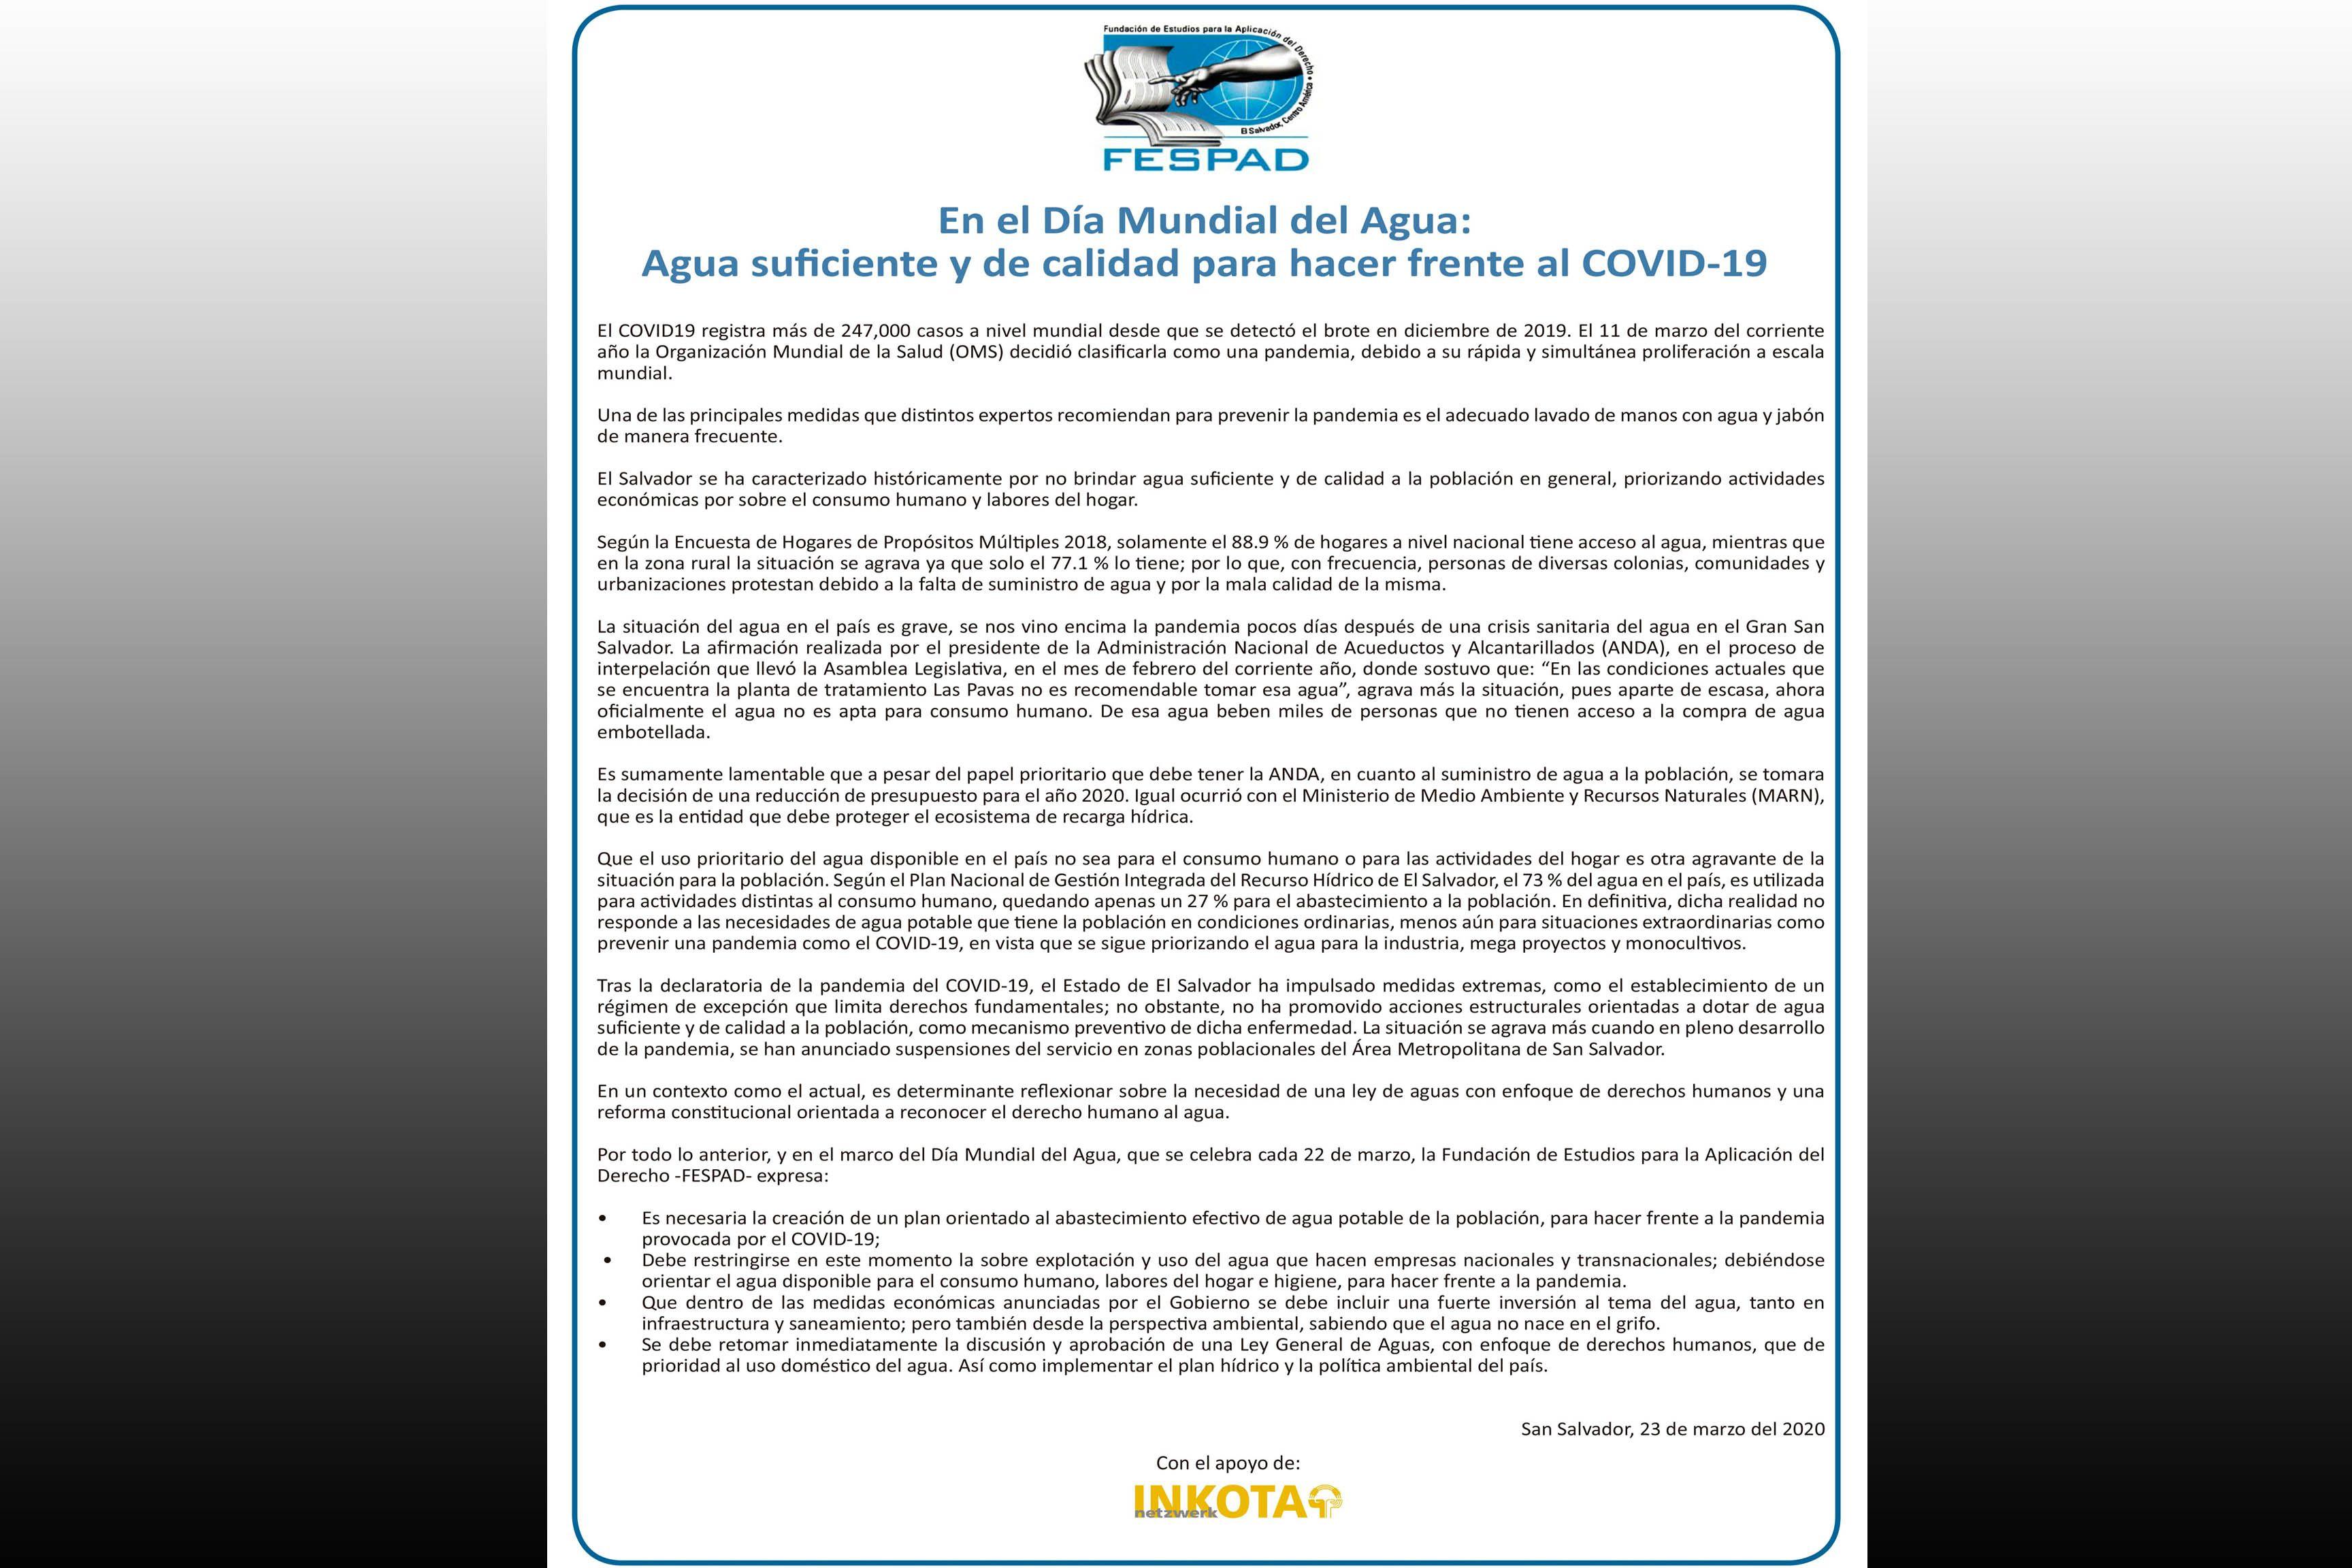 COMUNICADO: Agua suficiente y de calidad para hacer frente al COVID -19